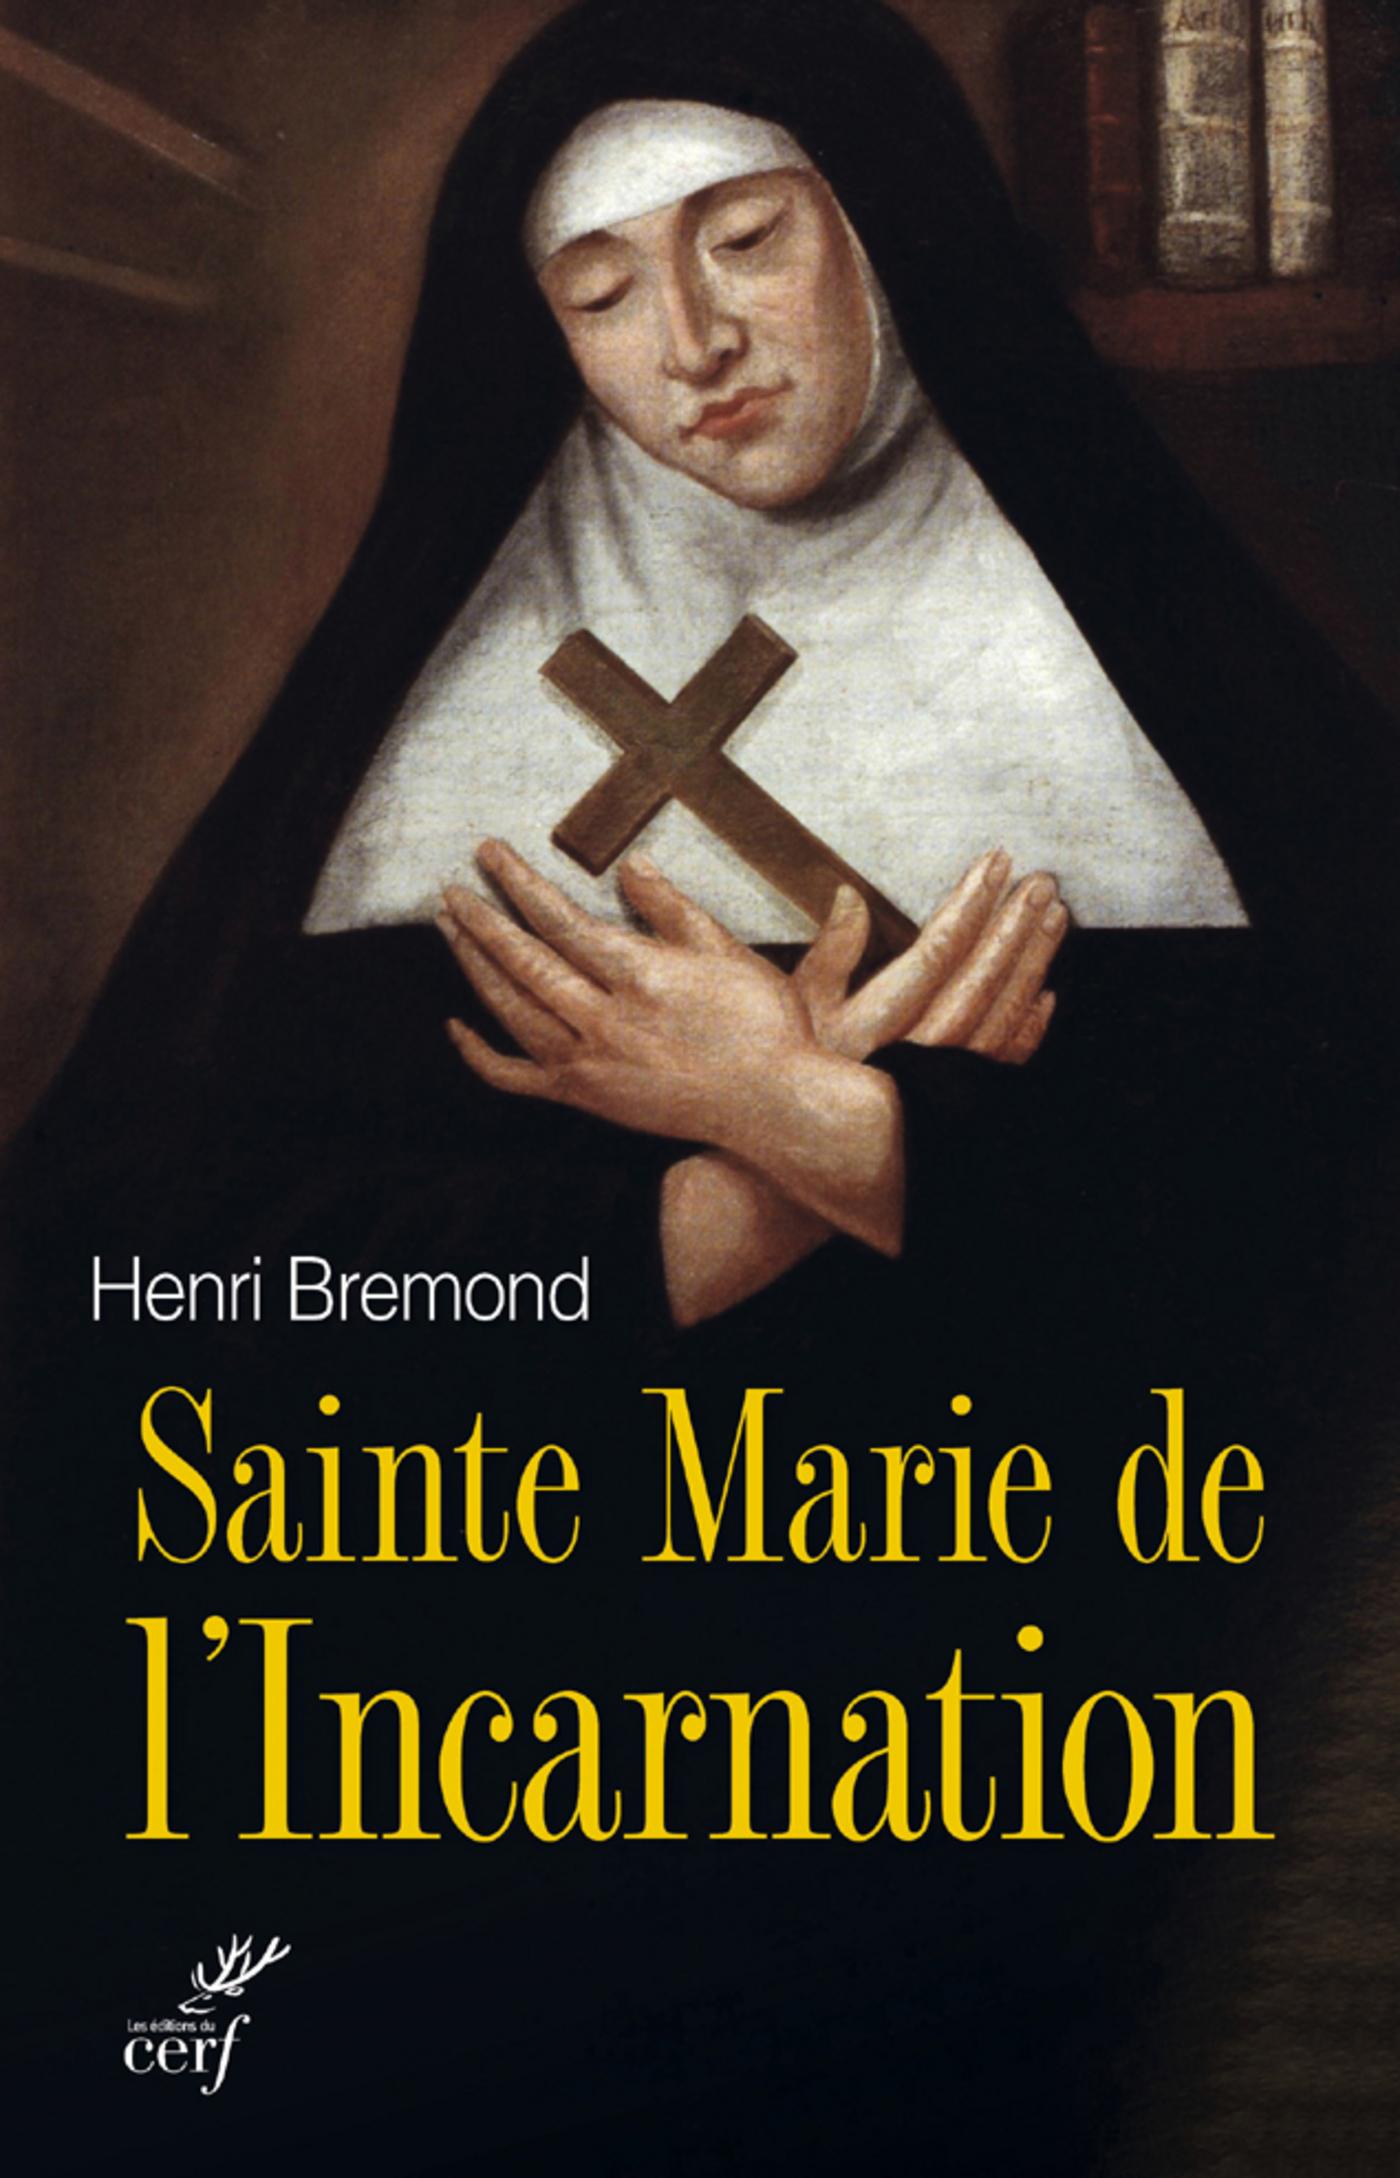 Sainte Marie de l'Incarnation